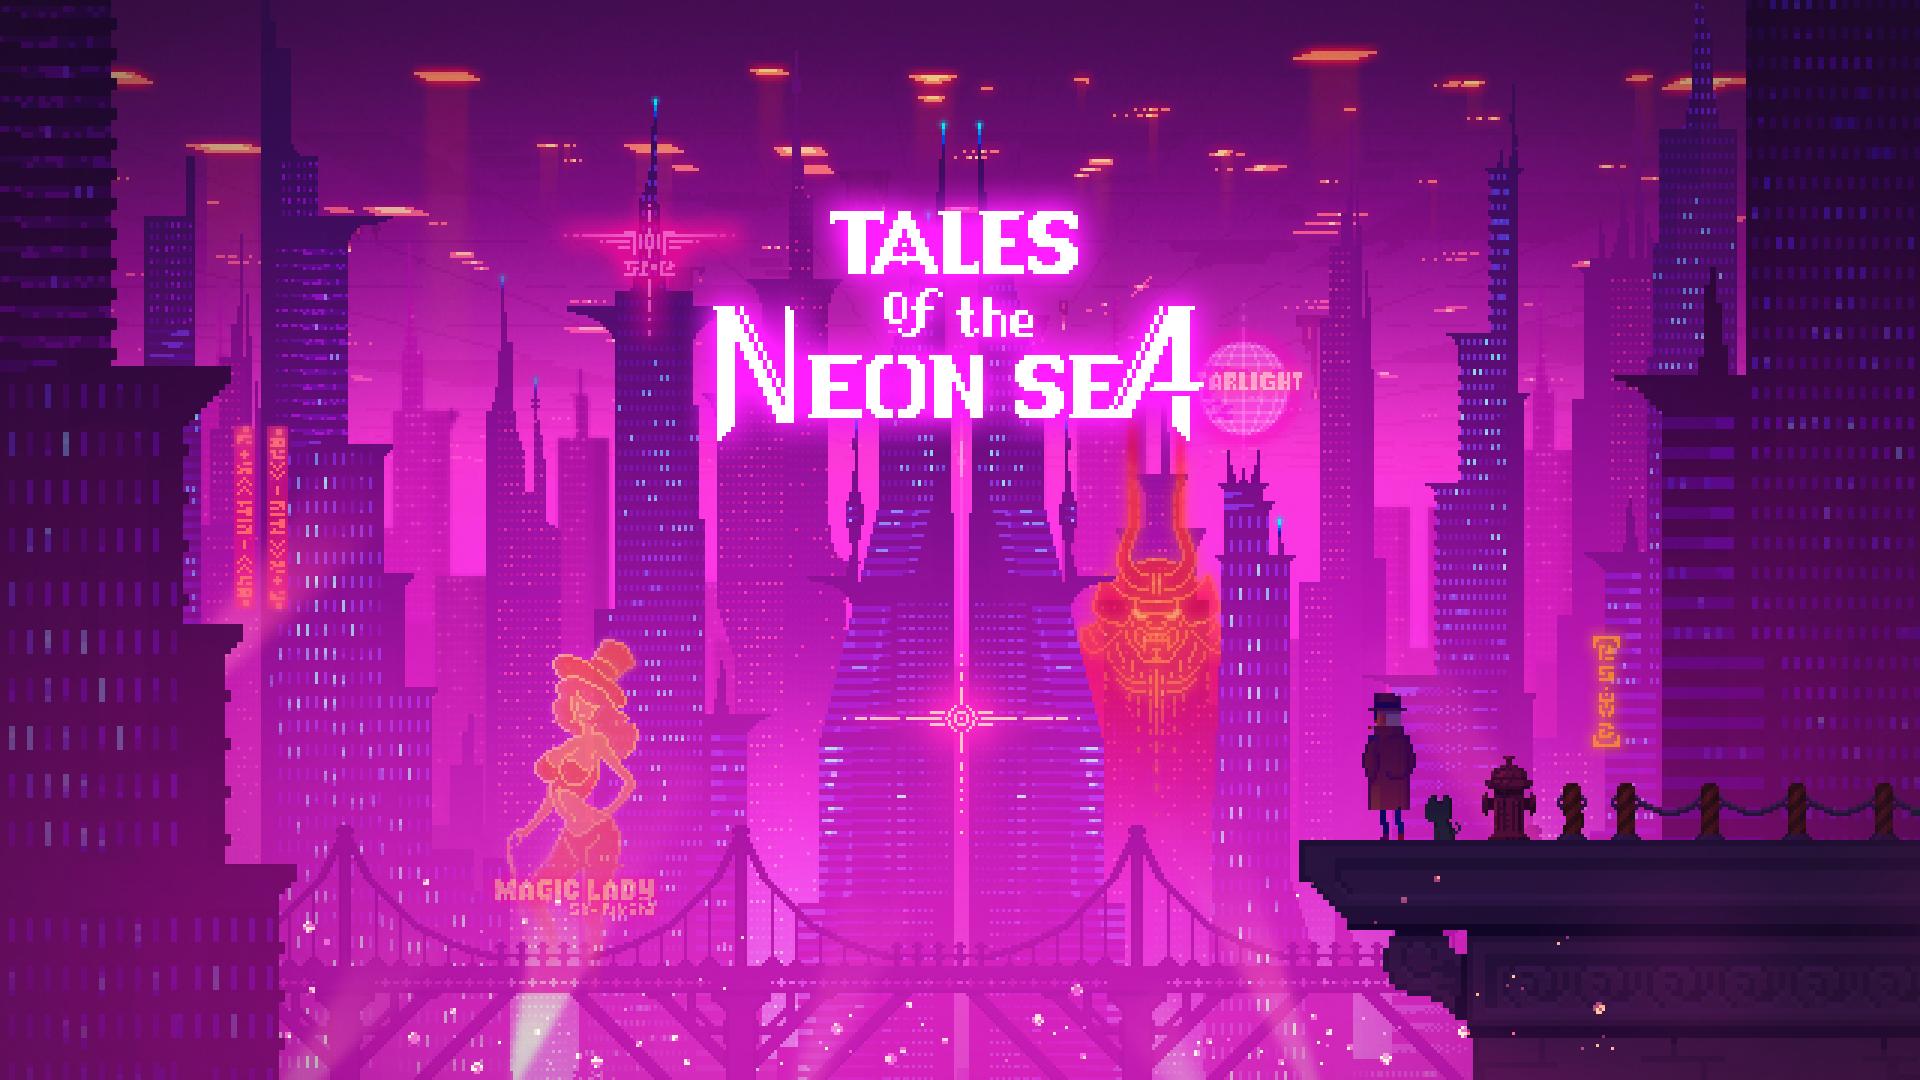 Tales of the Neon Sea comienza hoy su KickStarter